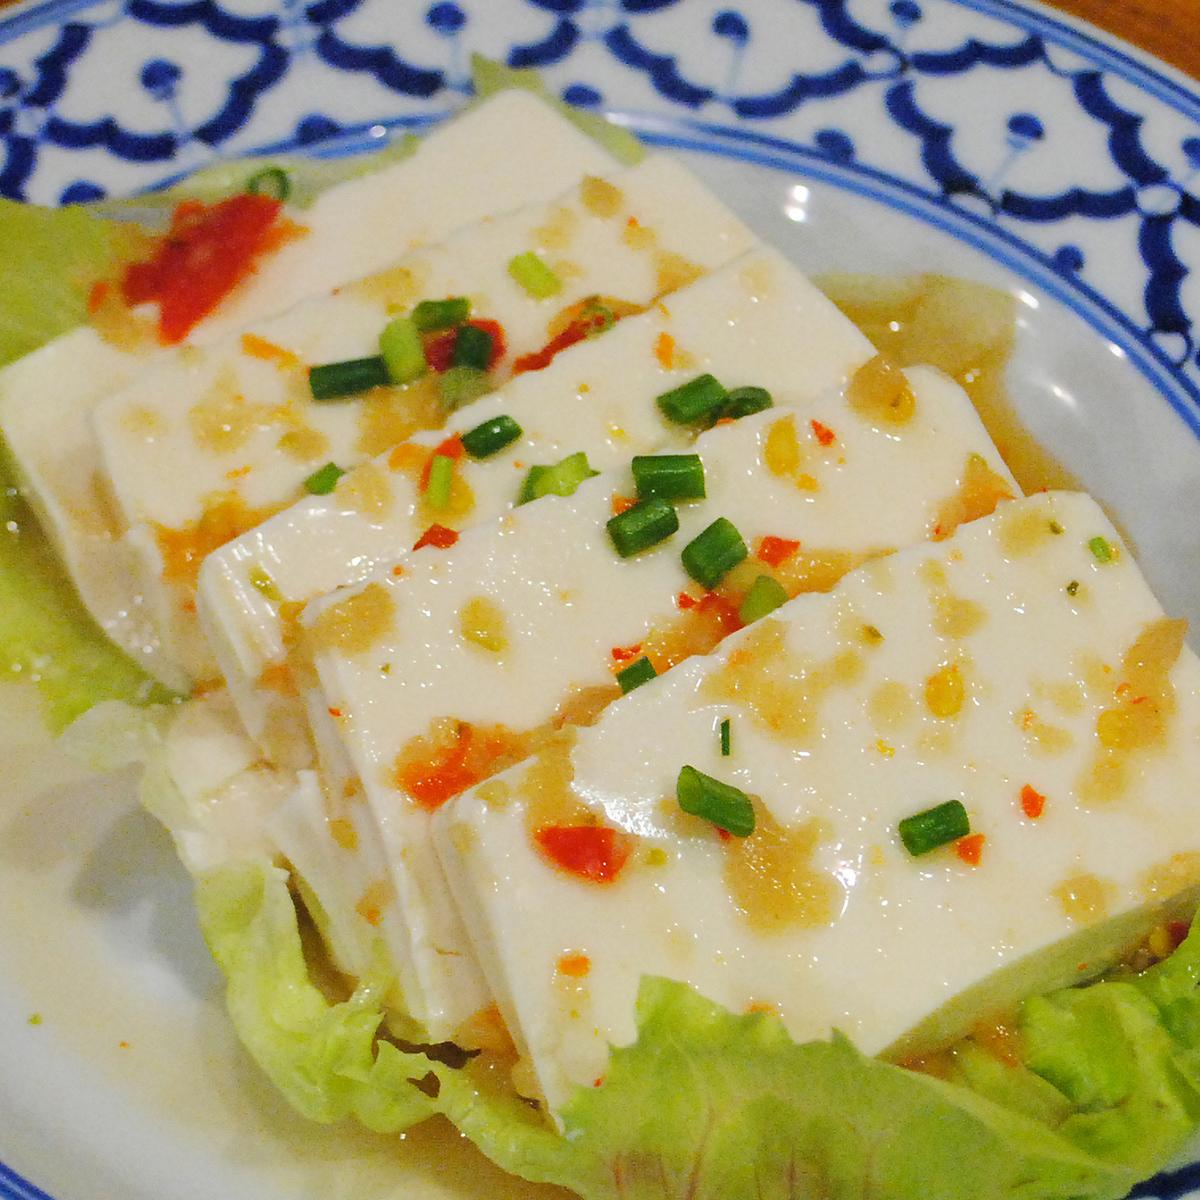 冷やし豆腐のピリ辛ソース/蒸し鶏のネギ油ソース